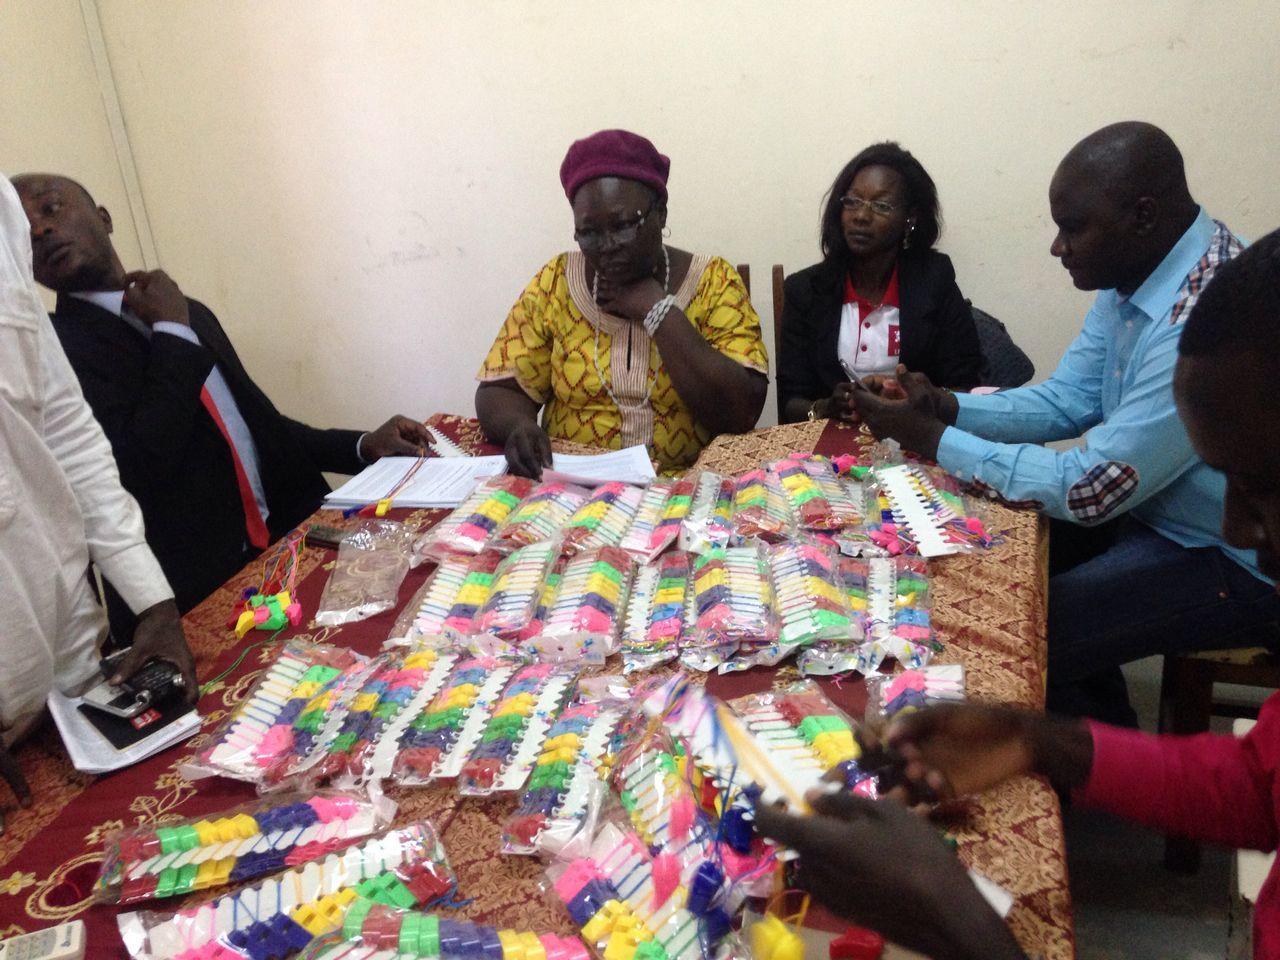 La coalition Trop c'est Trop lance au Tchad  l'opération « Appel au sifflet citoyen, klaxon et tintamarre de marmite ! »